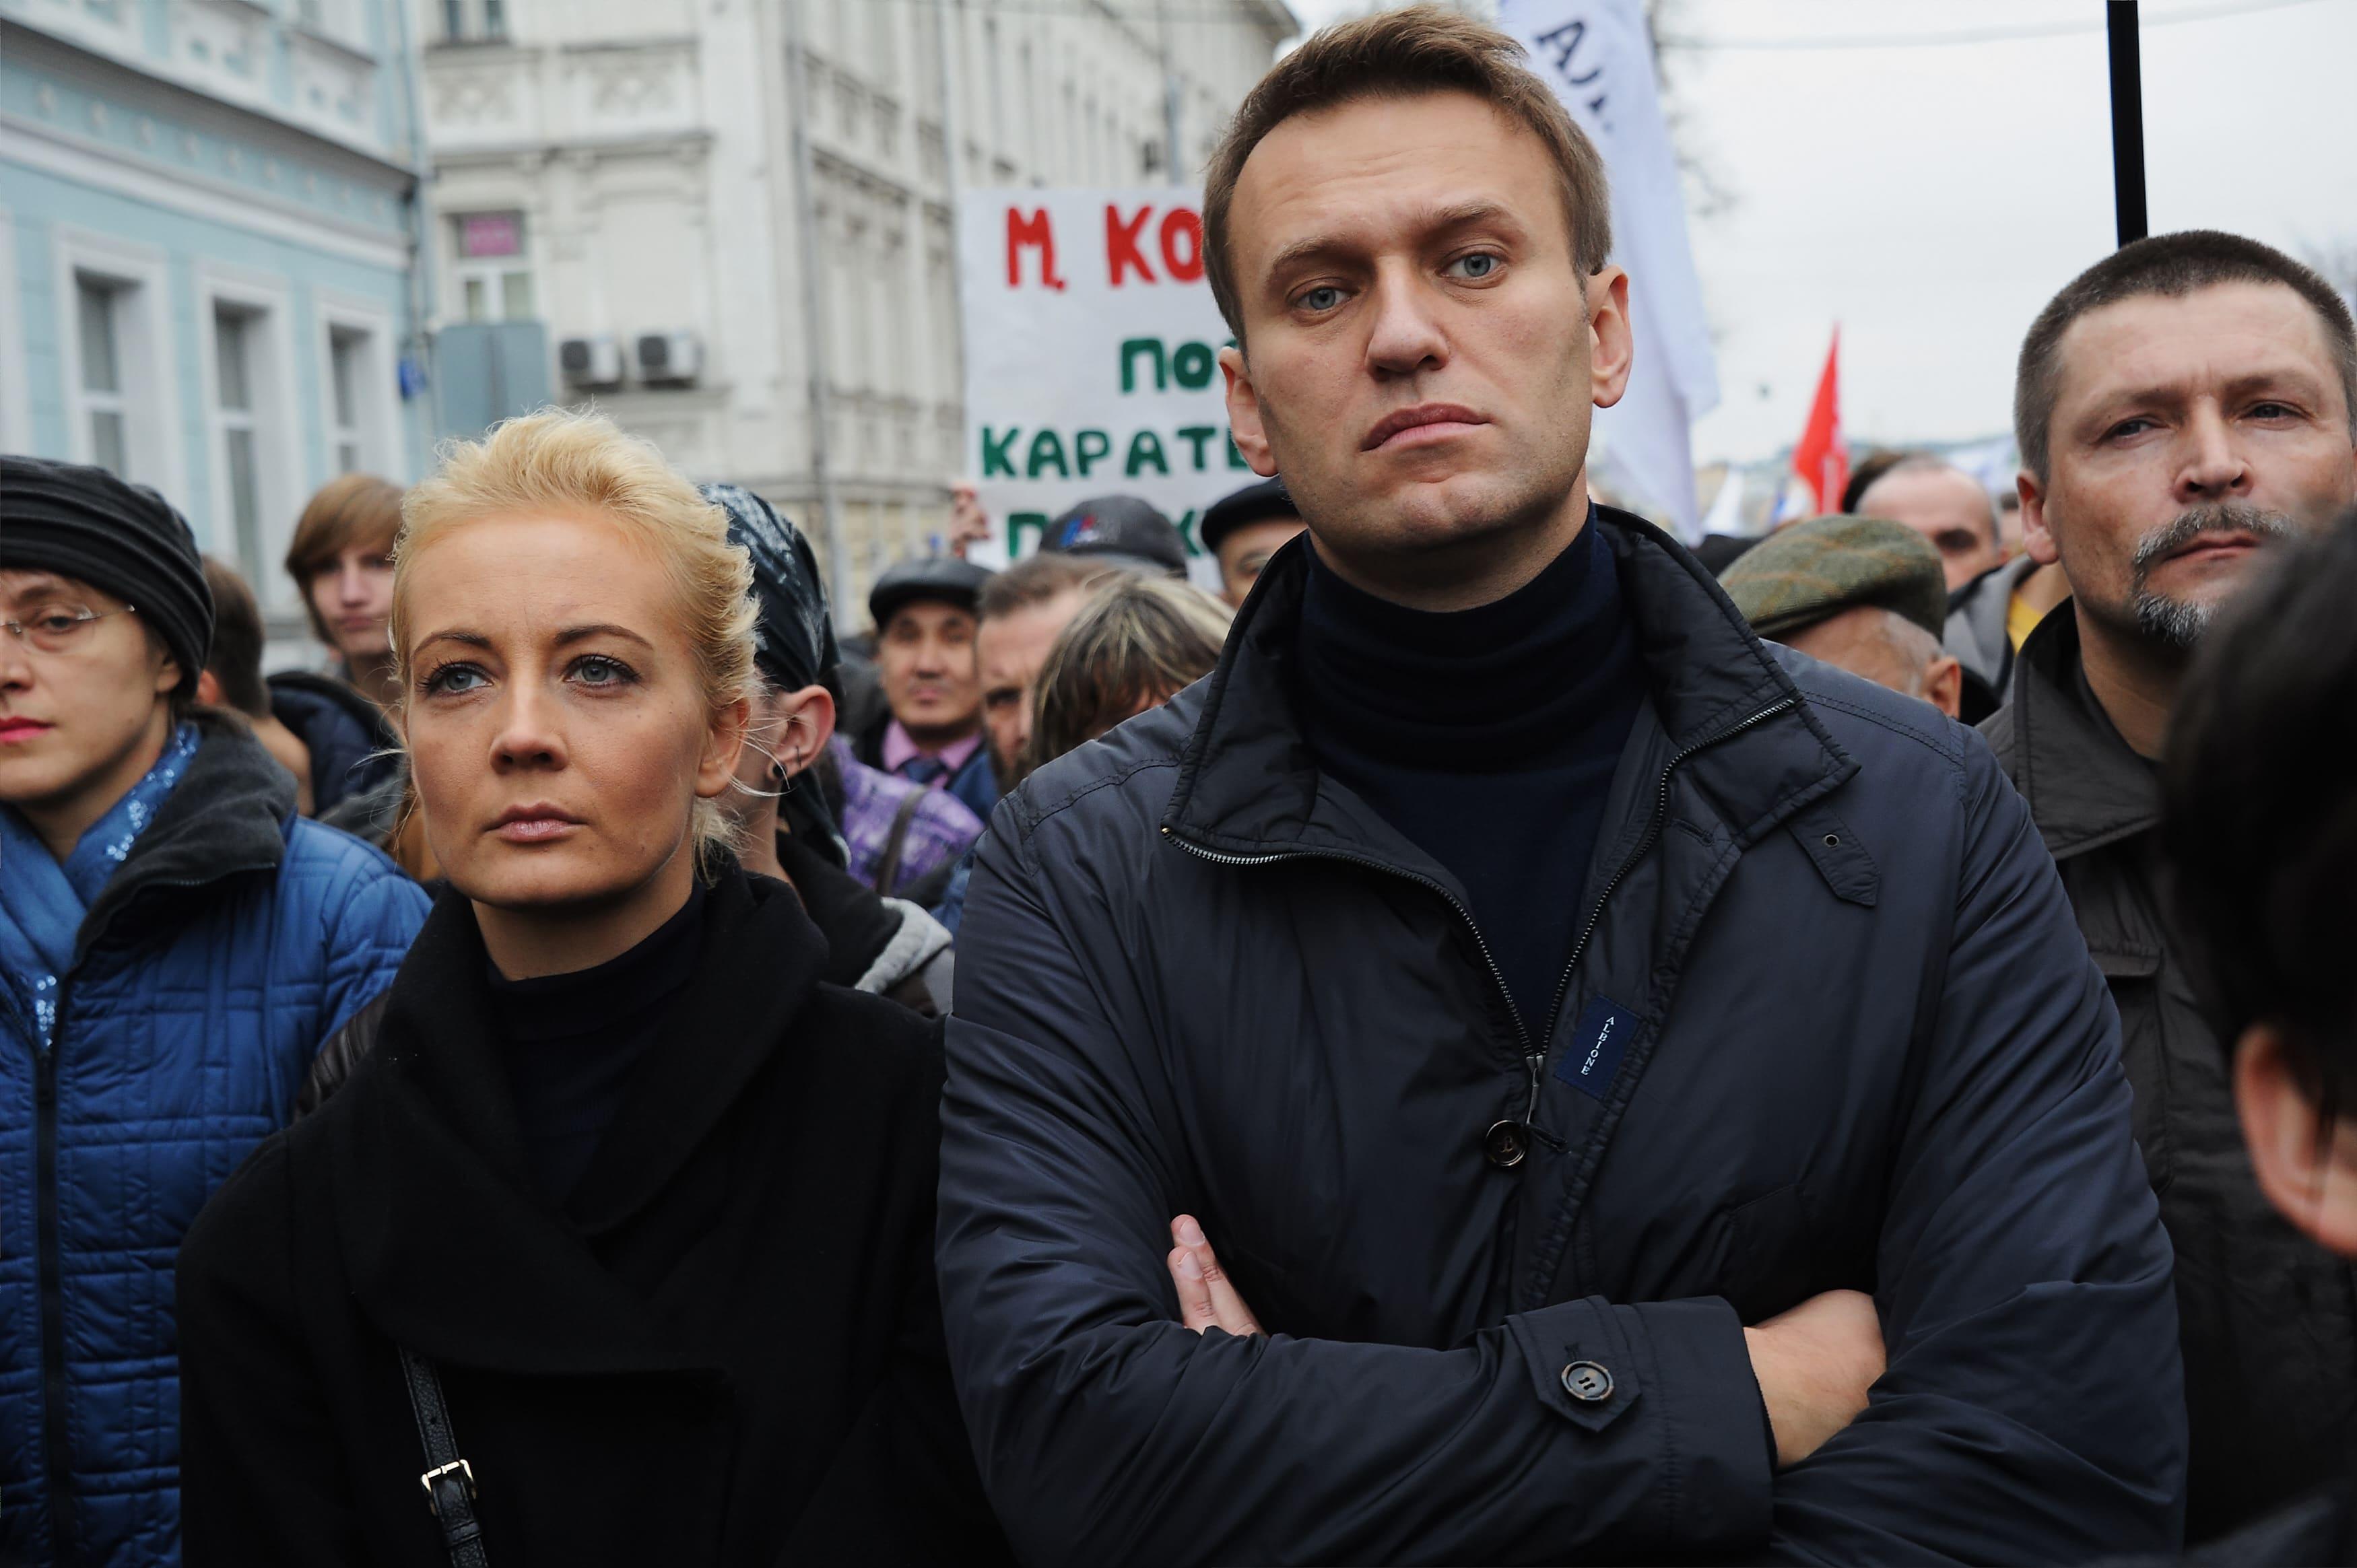 líder da oposição russa foi libertado - Alexei Navalny - Líder da oposição russa foi libertado